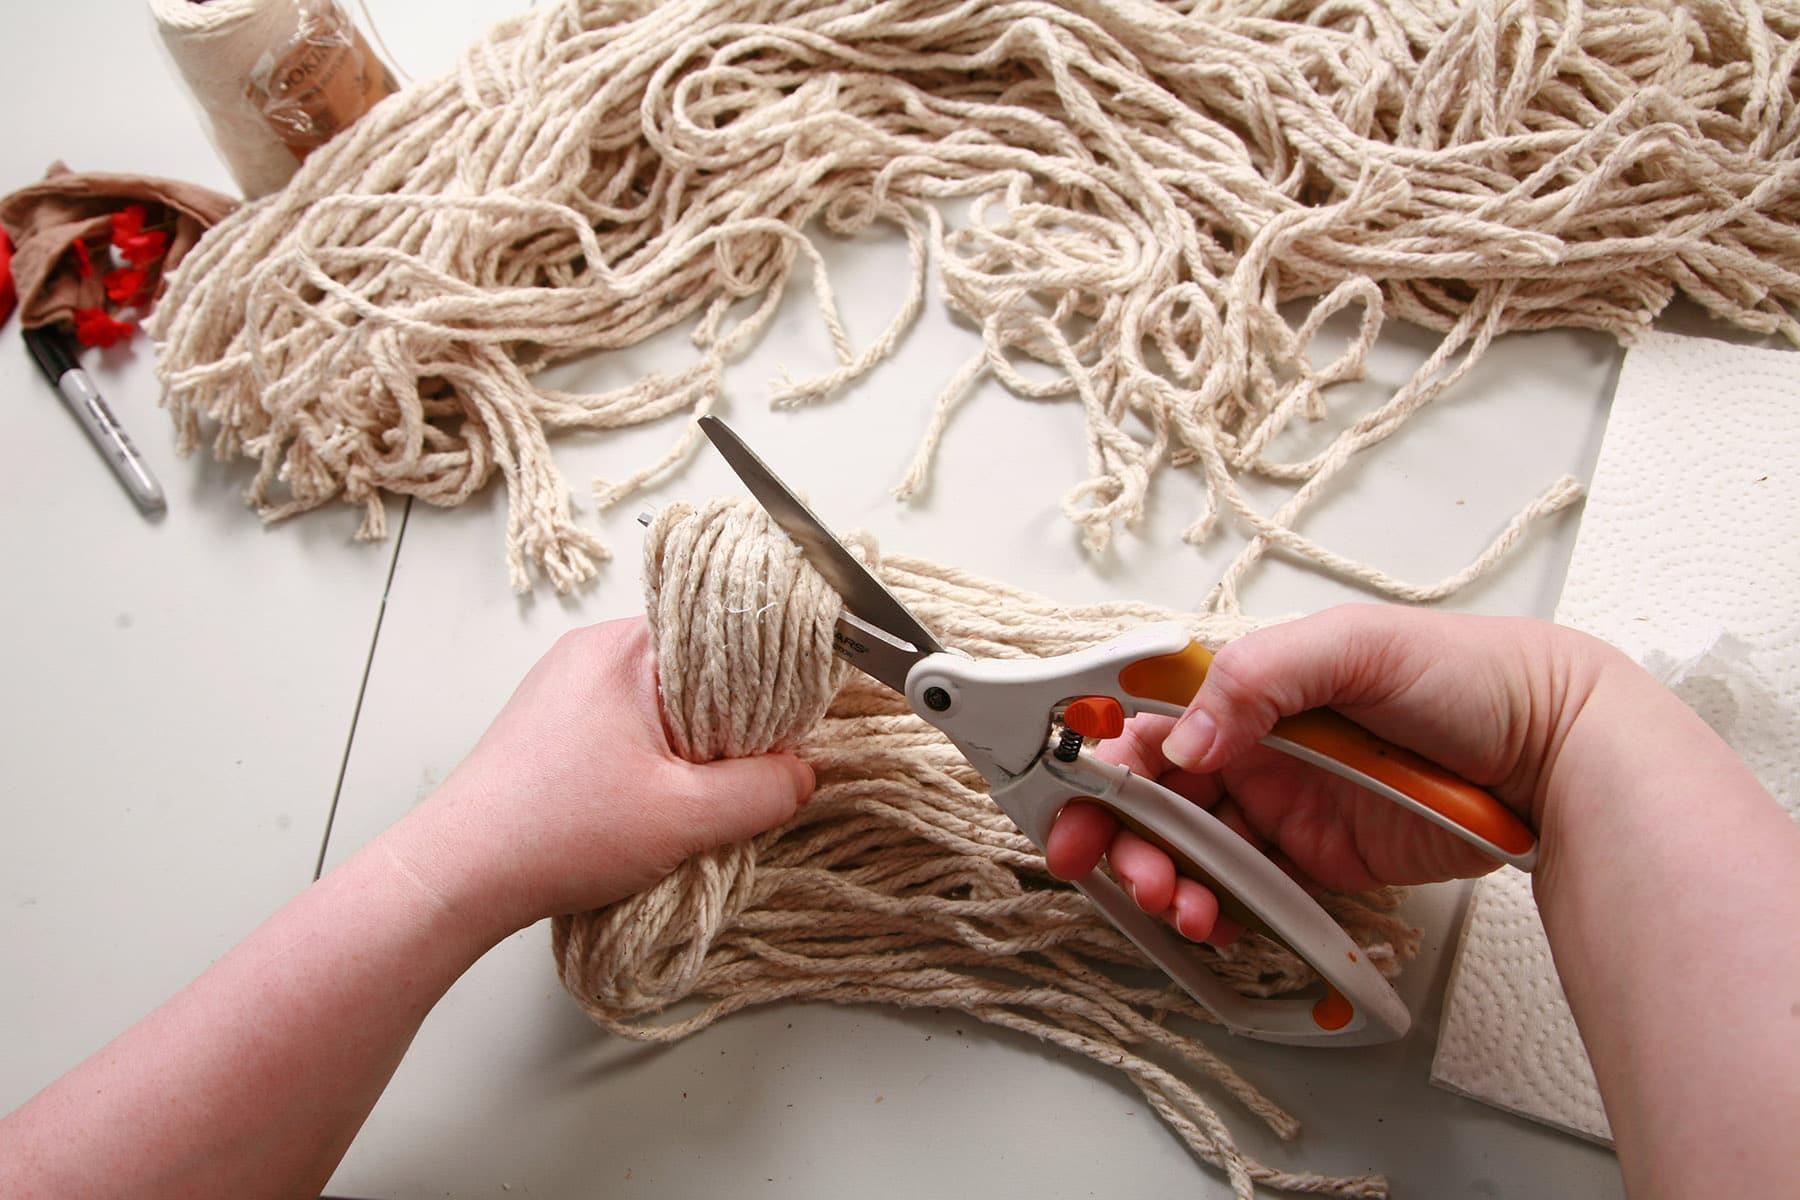 Yarn being cut in half.